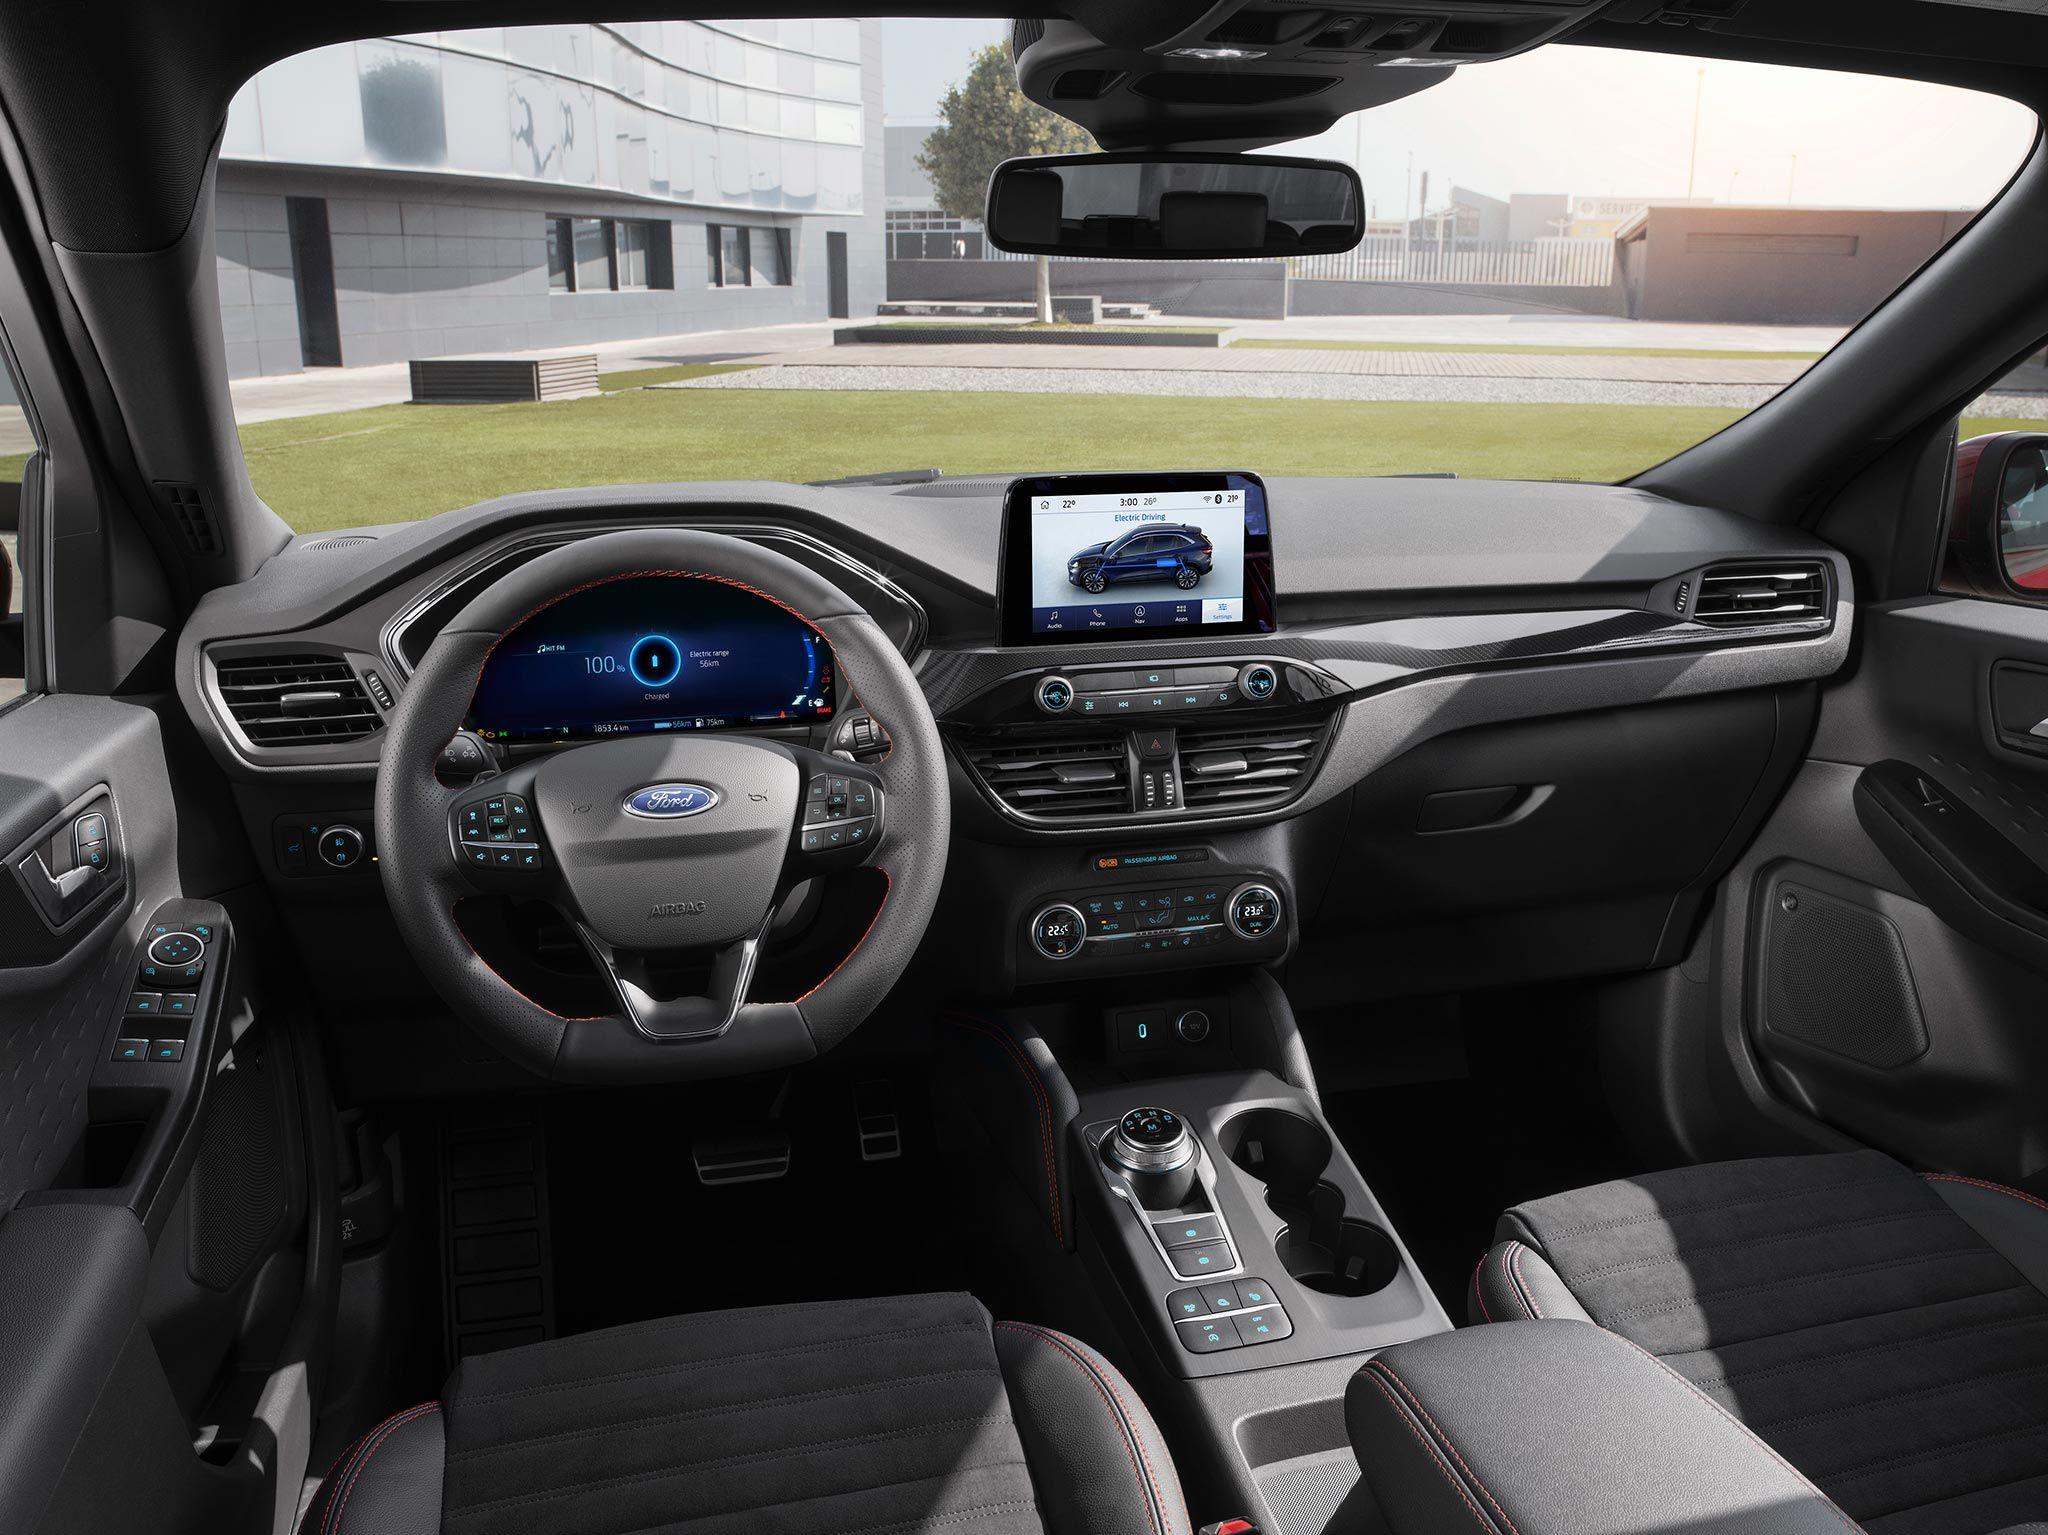 Bilder Details Und Motoren Zum Neuen Ford Kuga 2020 Mit Hybrid Ford Motor Ford Focus